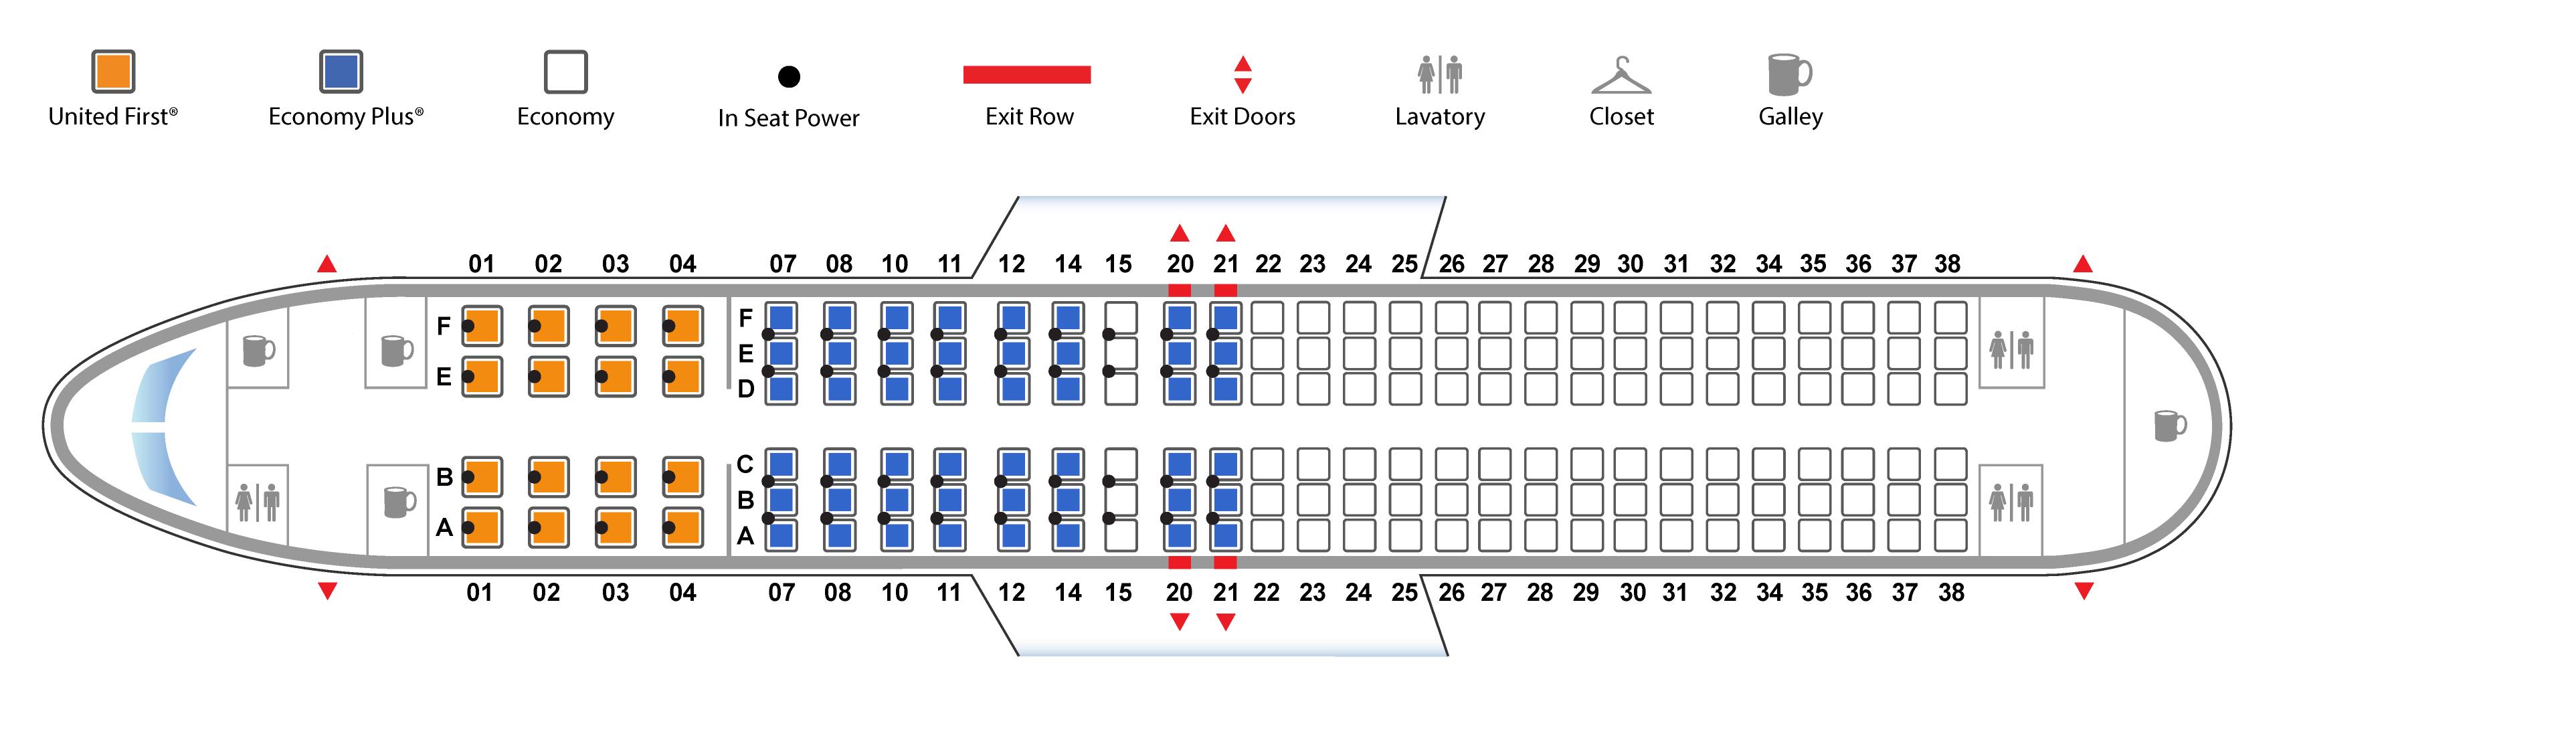 ユナイテッド航空ボーイング737-800(バージョン1)座席表